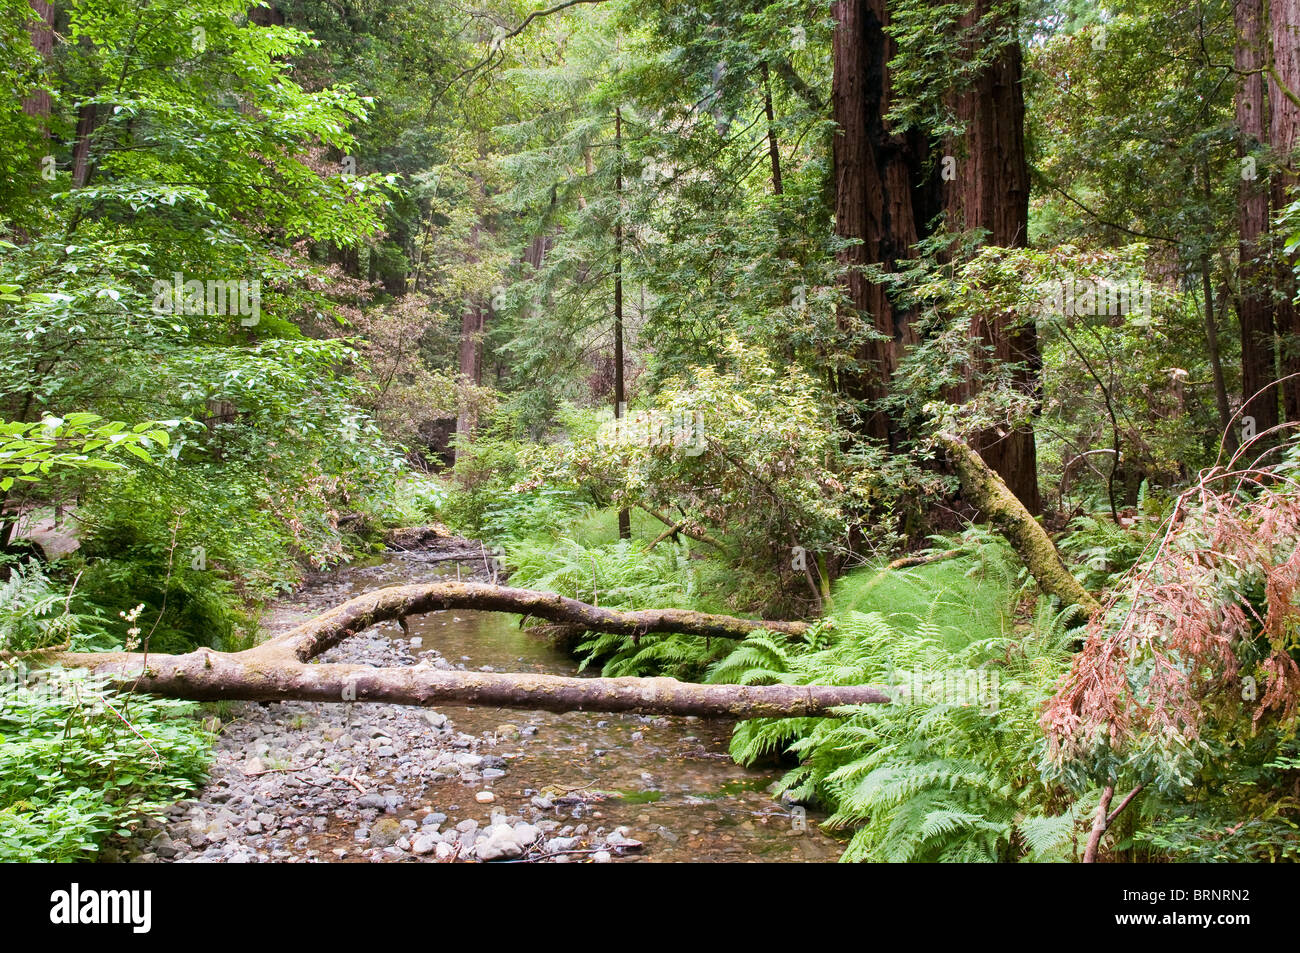 La vegetación costera y secoyas, Sequoia sempervirens, Parque Nacional Muir Woods, California, EE.UU. Foto de stock